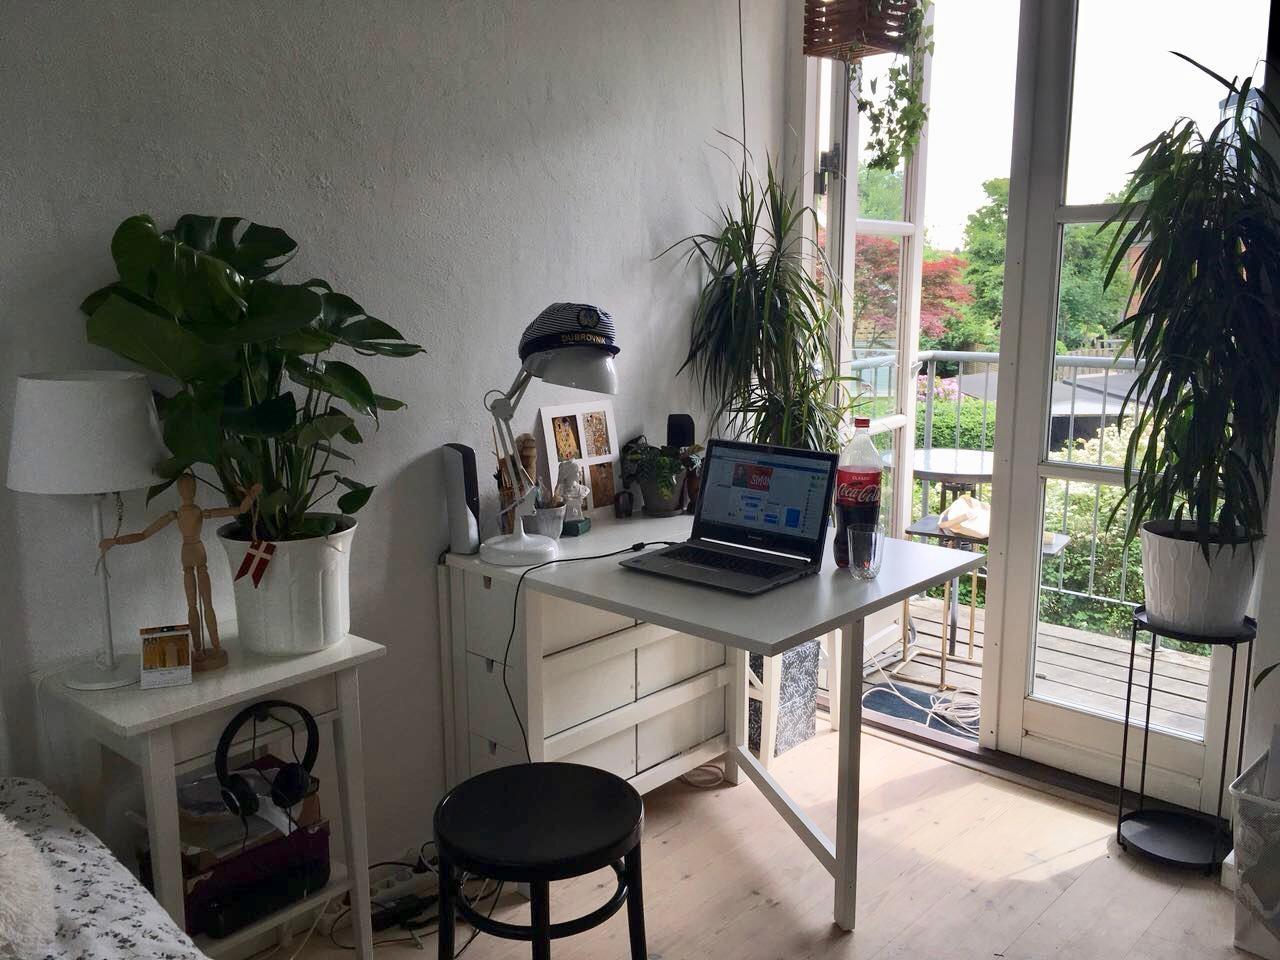 Kleine Wohnung Ganz Groß: So Funktioniert's